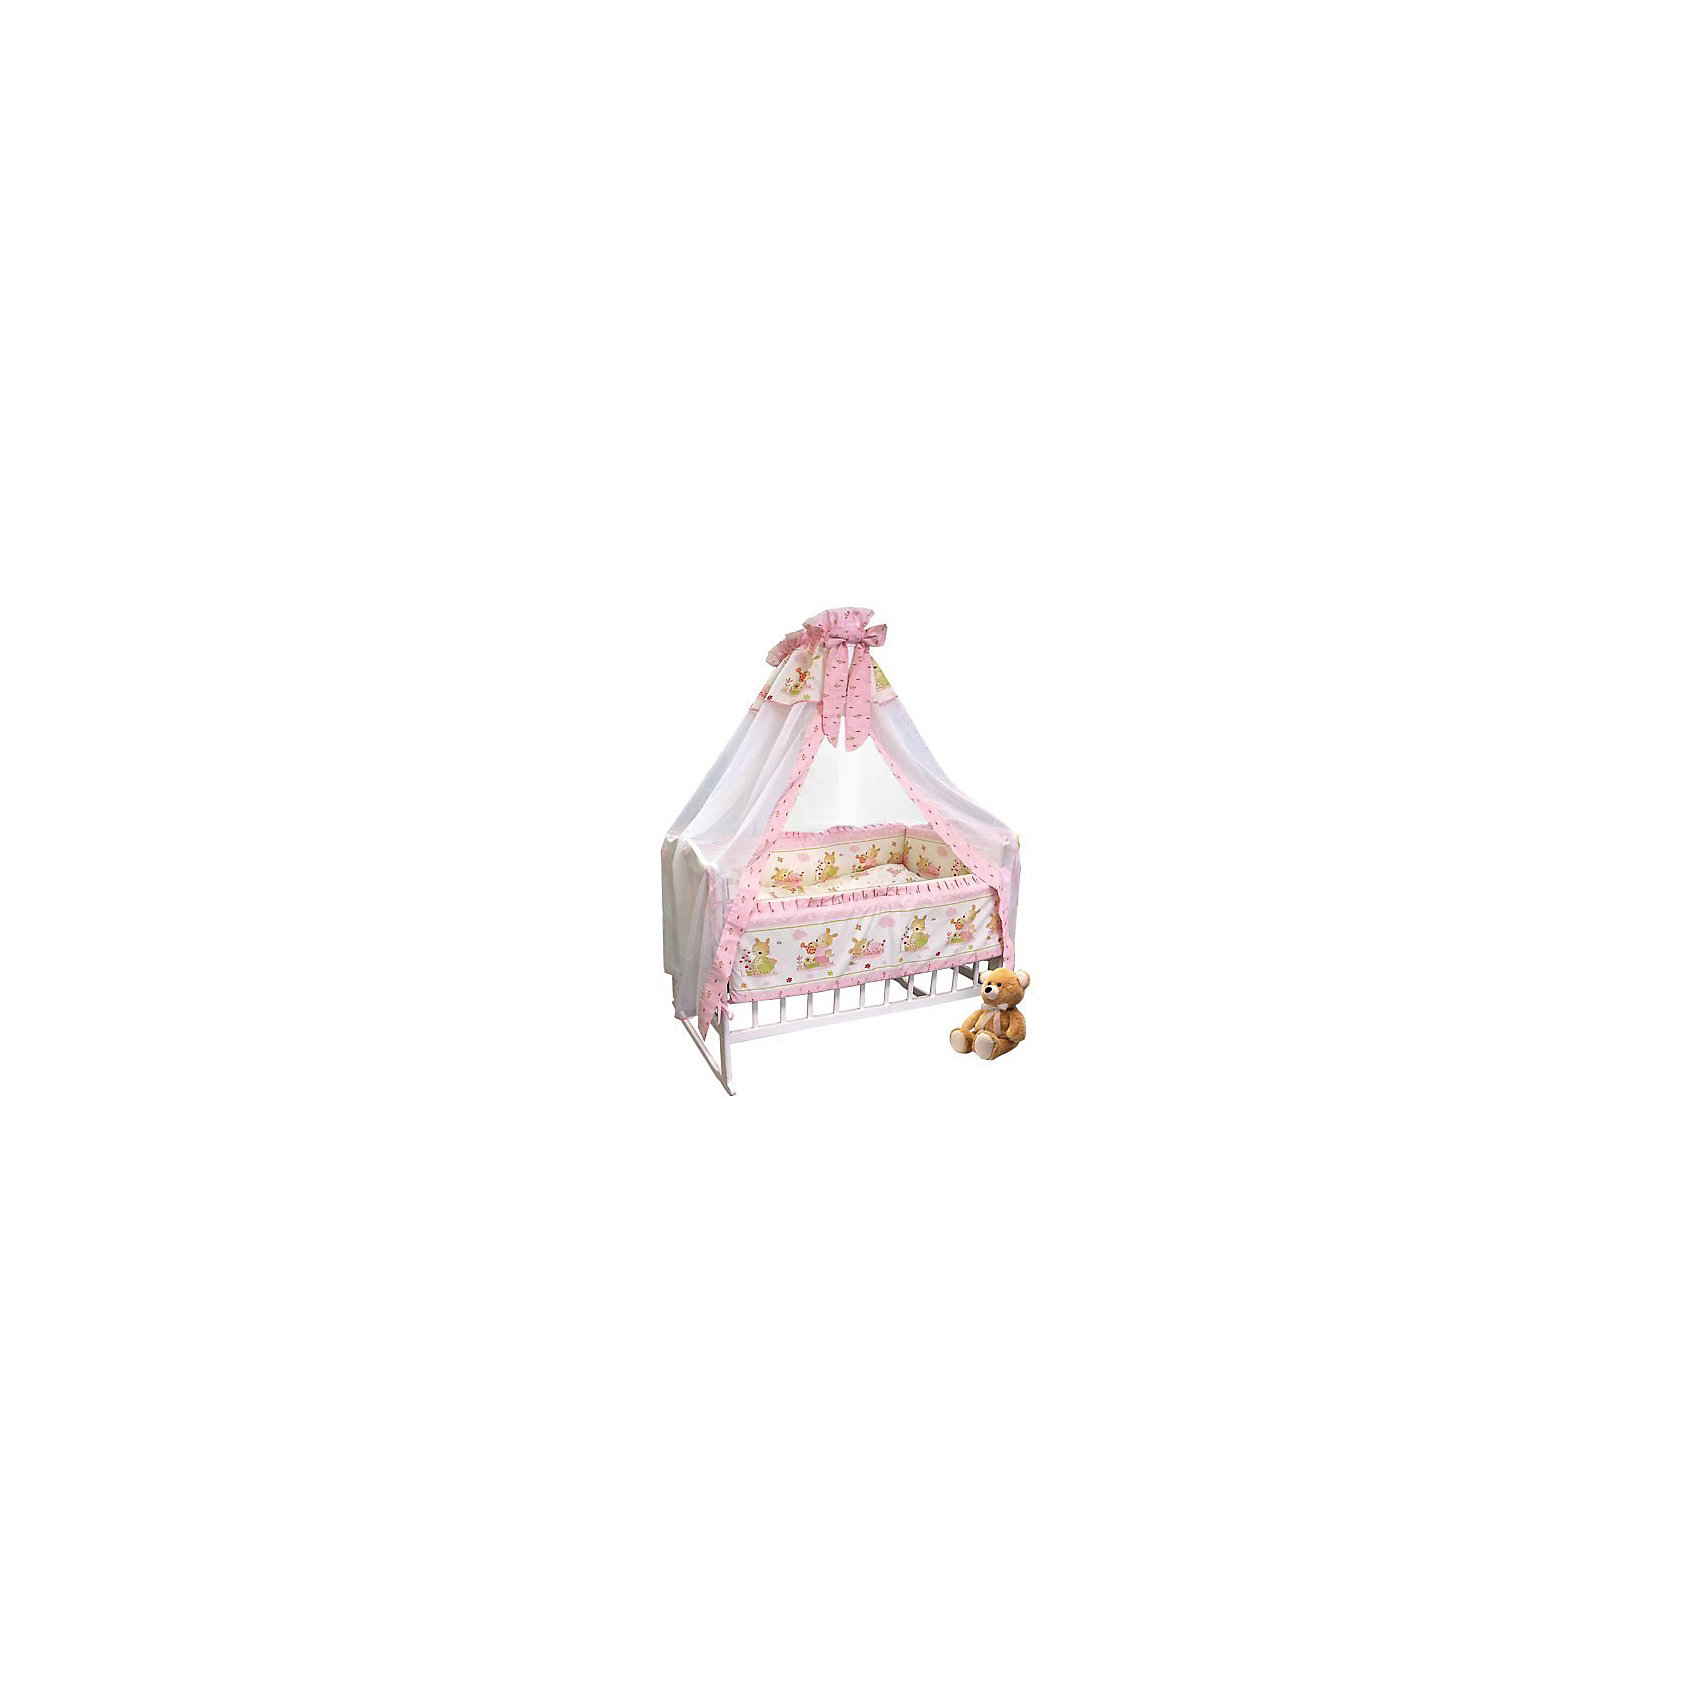 Постельное белье Зайчик-садовод 7 пред., Soni kids, розовый на медиумеПостельное бельё<br>Нежный комплект детского постельного белья состоящий из семи предметов.<br><br>Дополнительная информация:<br><br>- Размеры: <br> Одеяло 140х110 см.<br> Пододеяльника 142х112 см.<br> Бортик на всю кроватку.<br> Простынке на резинке 150х90 см.<br> Подушка 40х60 см.<br> Наволочка 40х60 см. <br> Вуаль-балдахин 165х420 см.<br> ЧЕХЛЫ не съемные.<br>- Возраст: до 3 лет.<br>- Состав: 100% высококачественный хлопок.<br>- Материал: поплин.<br>- Наполнитель: холлофайбер.<br>- Цвет: розовый.<br>- Размер упаковки: 25х60х45 см.<br>- Вес в упаковке: 1200 г.<br><br>Купить постельное белье Зайчик-садовод розовый на медиуме, от Soni kids можно в нашем магазине.<br><br>Ширина мм: 250<br>Глубина мм: 600<br>Высота мм: 450<br>Вес г: 1200<br>Возраст от месяцев: 0<br>Возраст до месяцев: 36<br>Пол: Женский<br>Возраст: Детский<br>SKU: 4905943